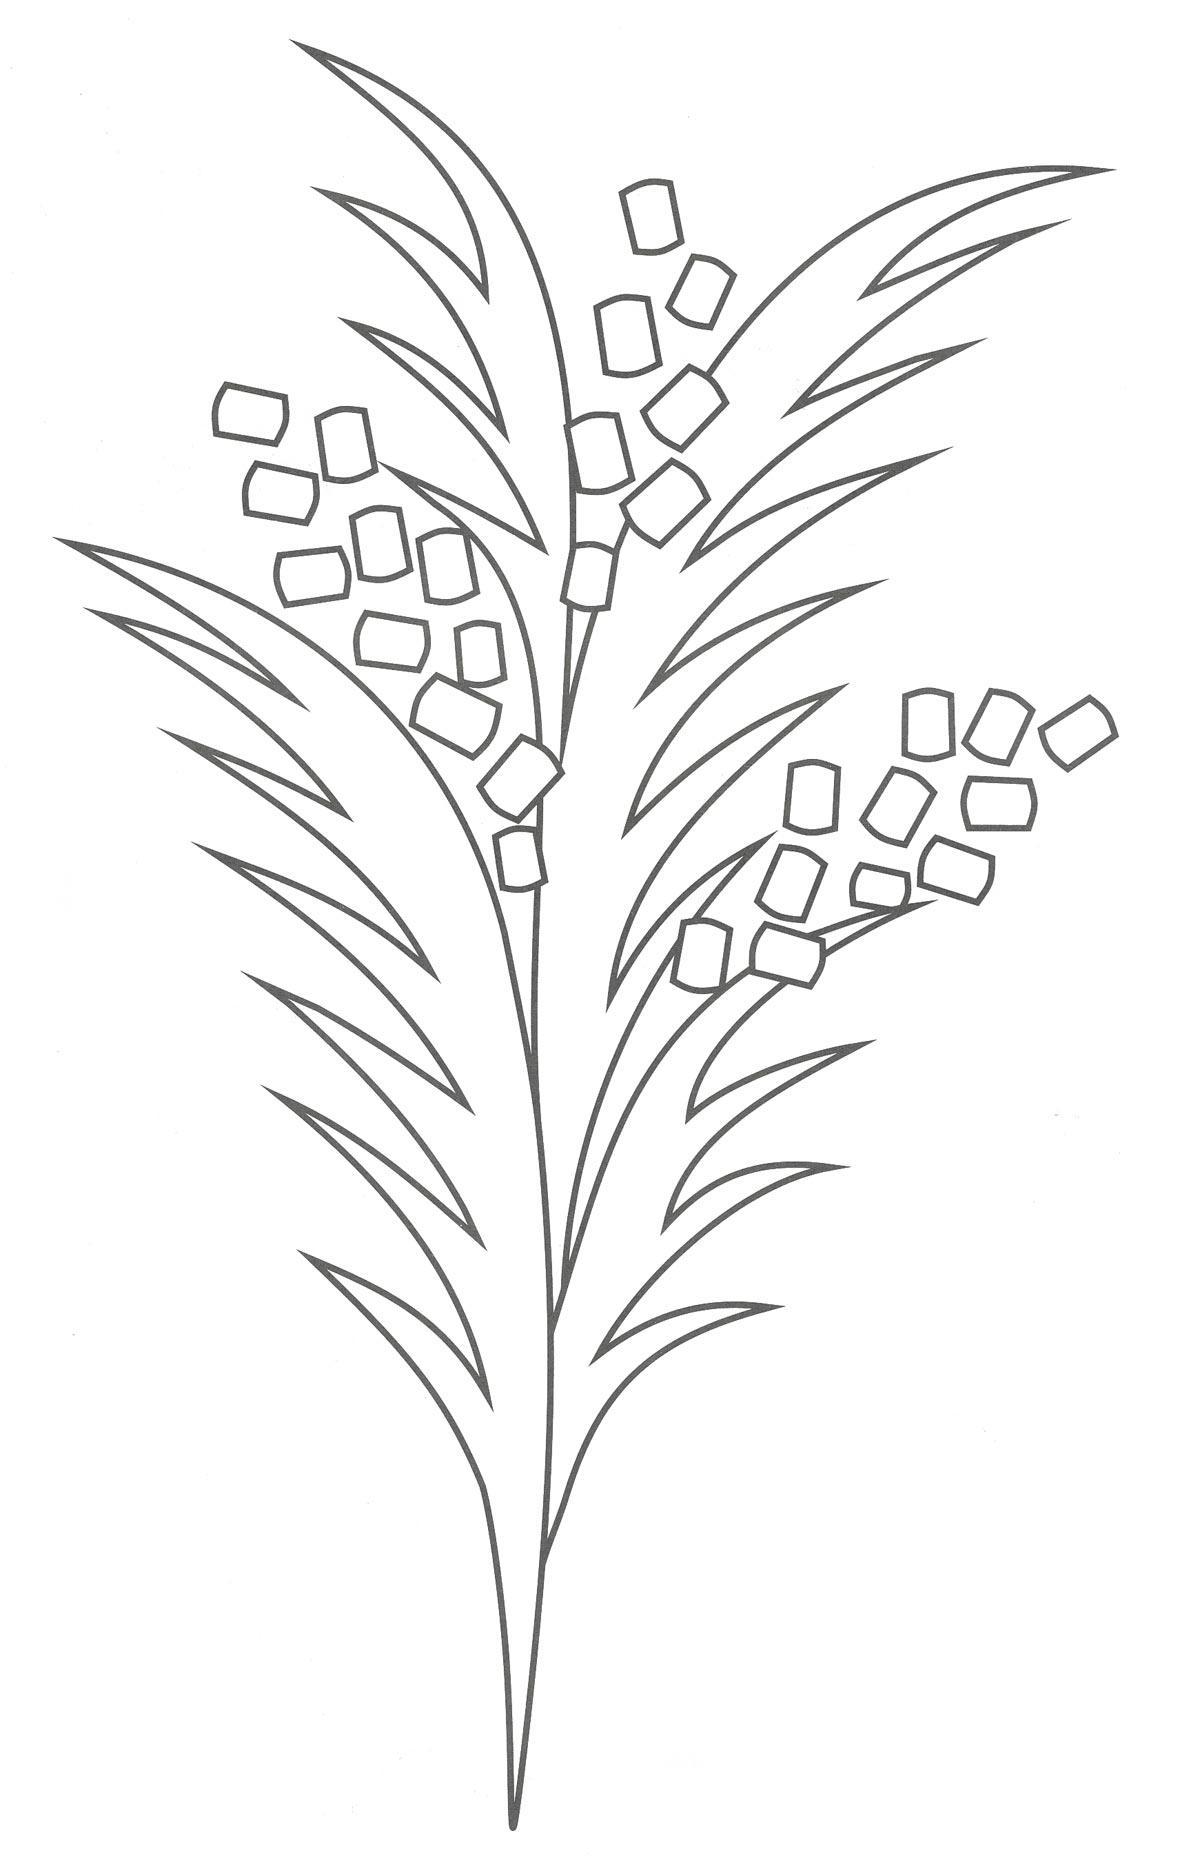 Шаблон для изготовления аппликации мимоза для мамы Раскраски с цветами распечатать бесплатно